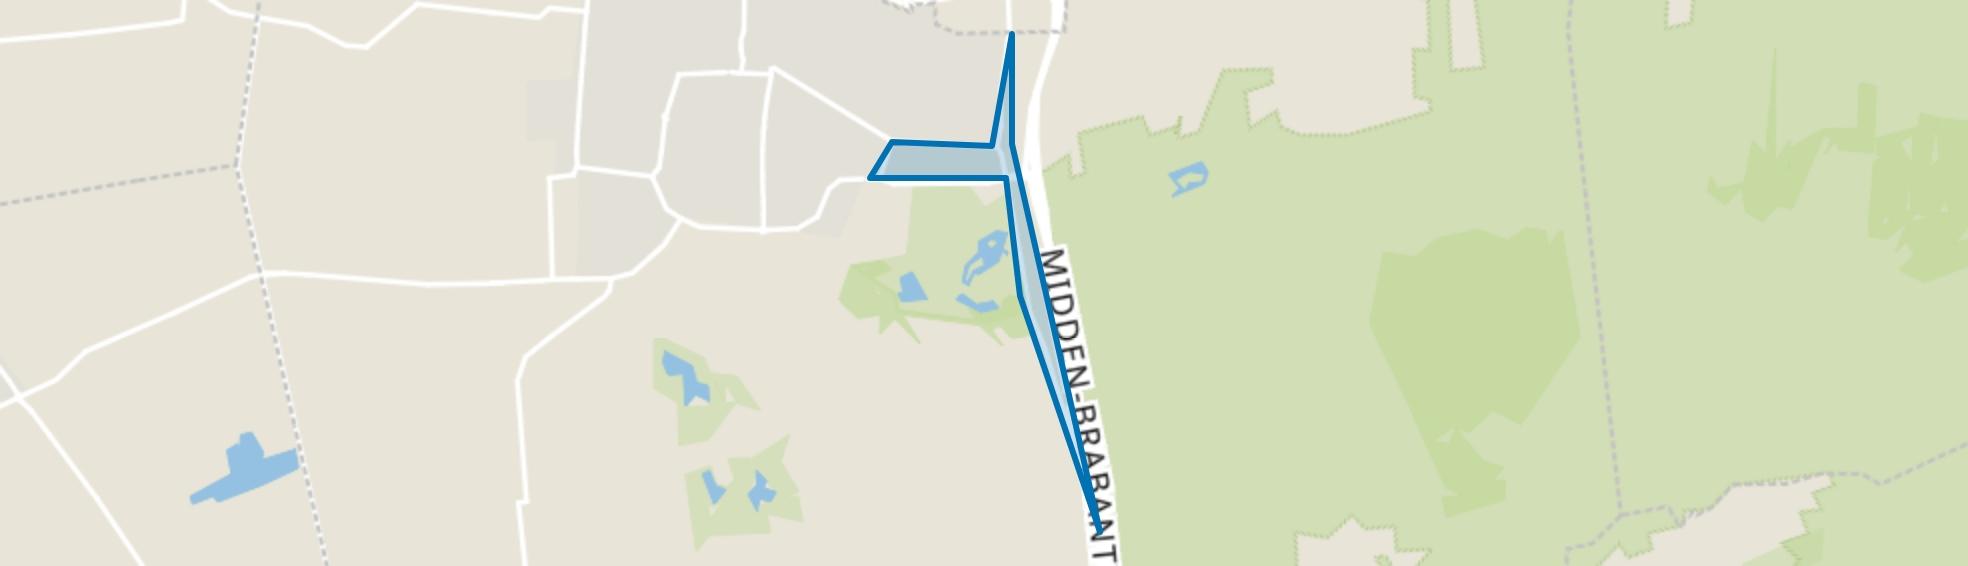 Prinsessenbuurt, Kaatsheuvel map